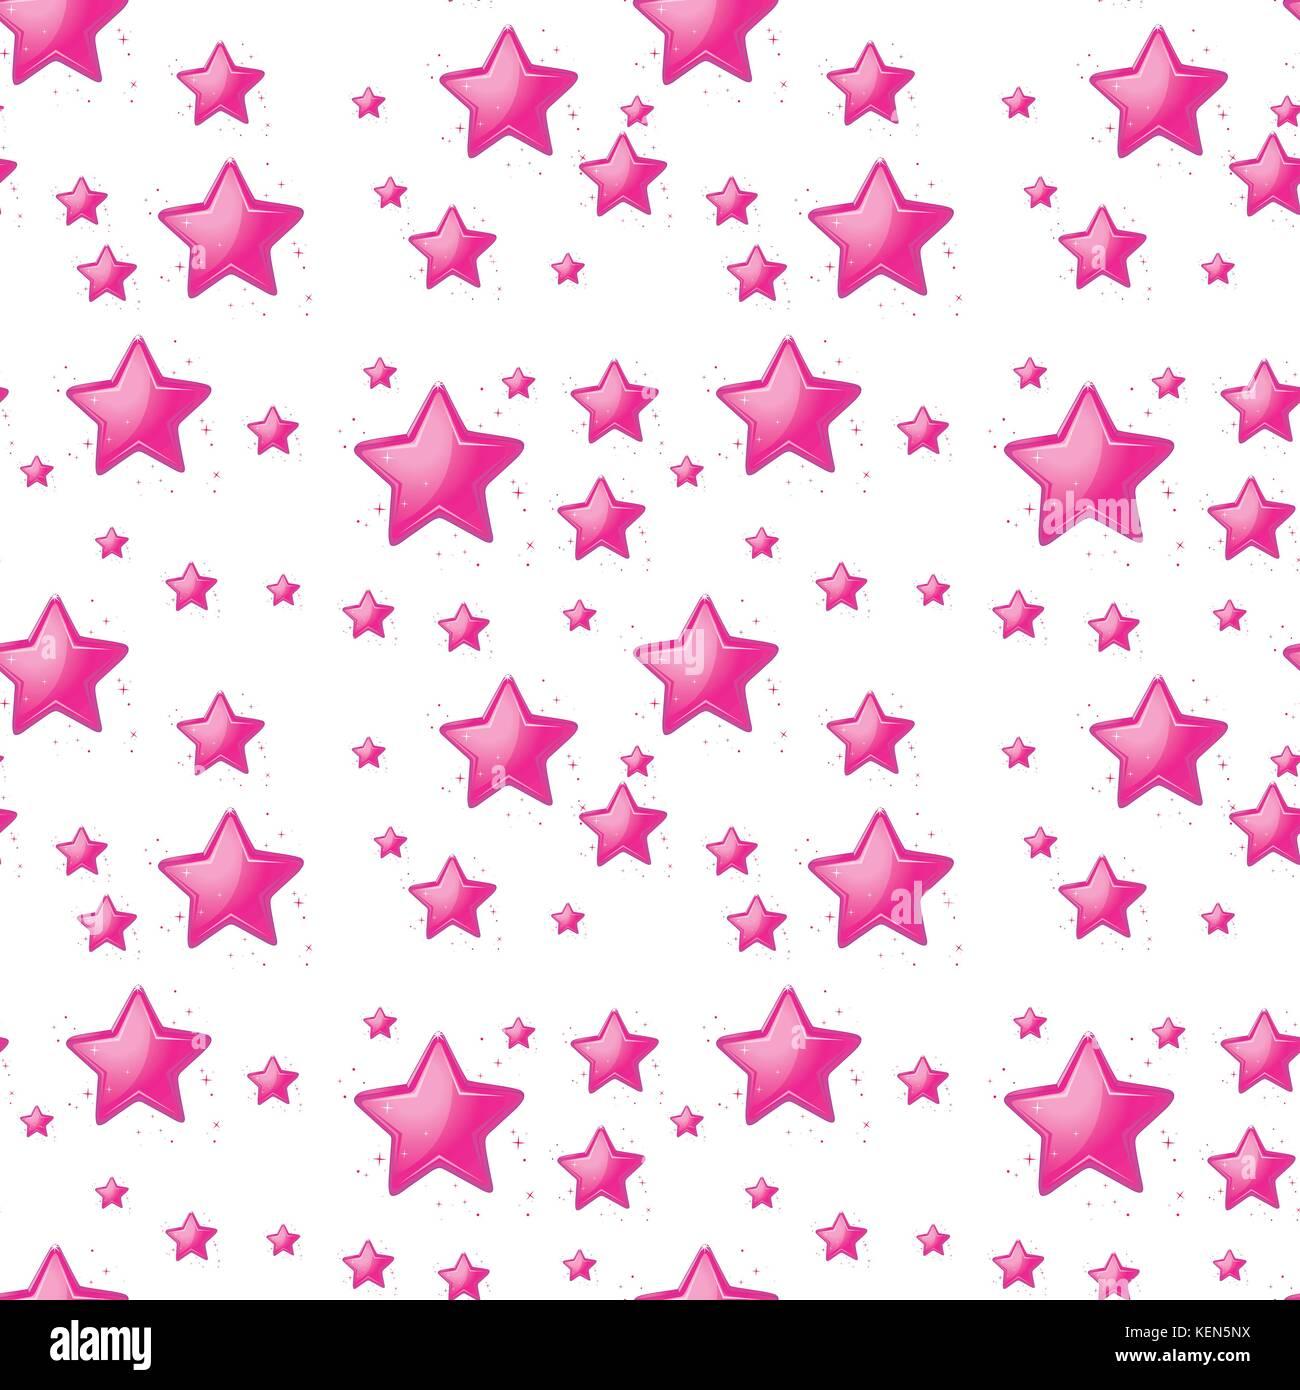 Illustrazione Del Design Lineare Con Stelle Rosa Su Sfondo Bianco